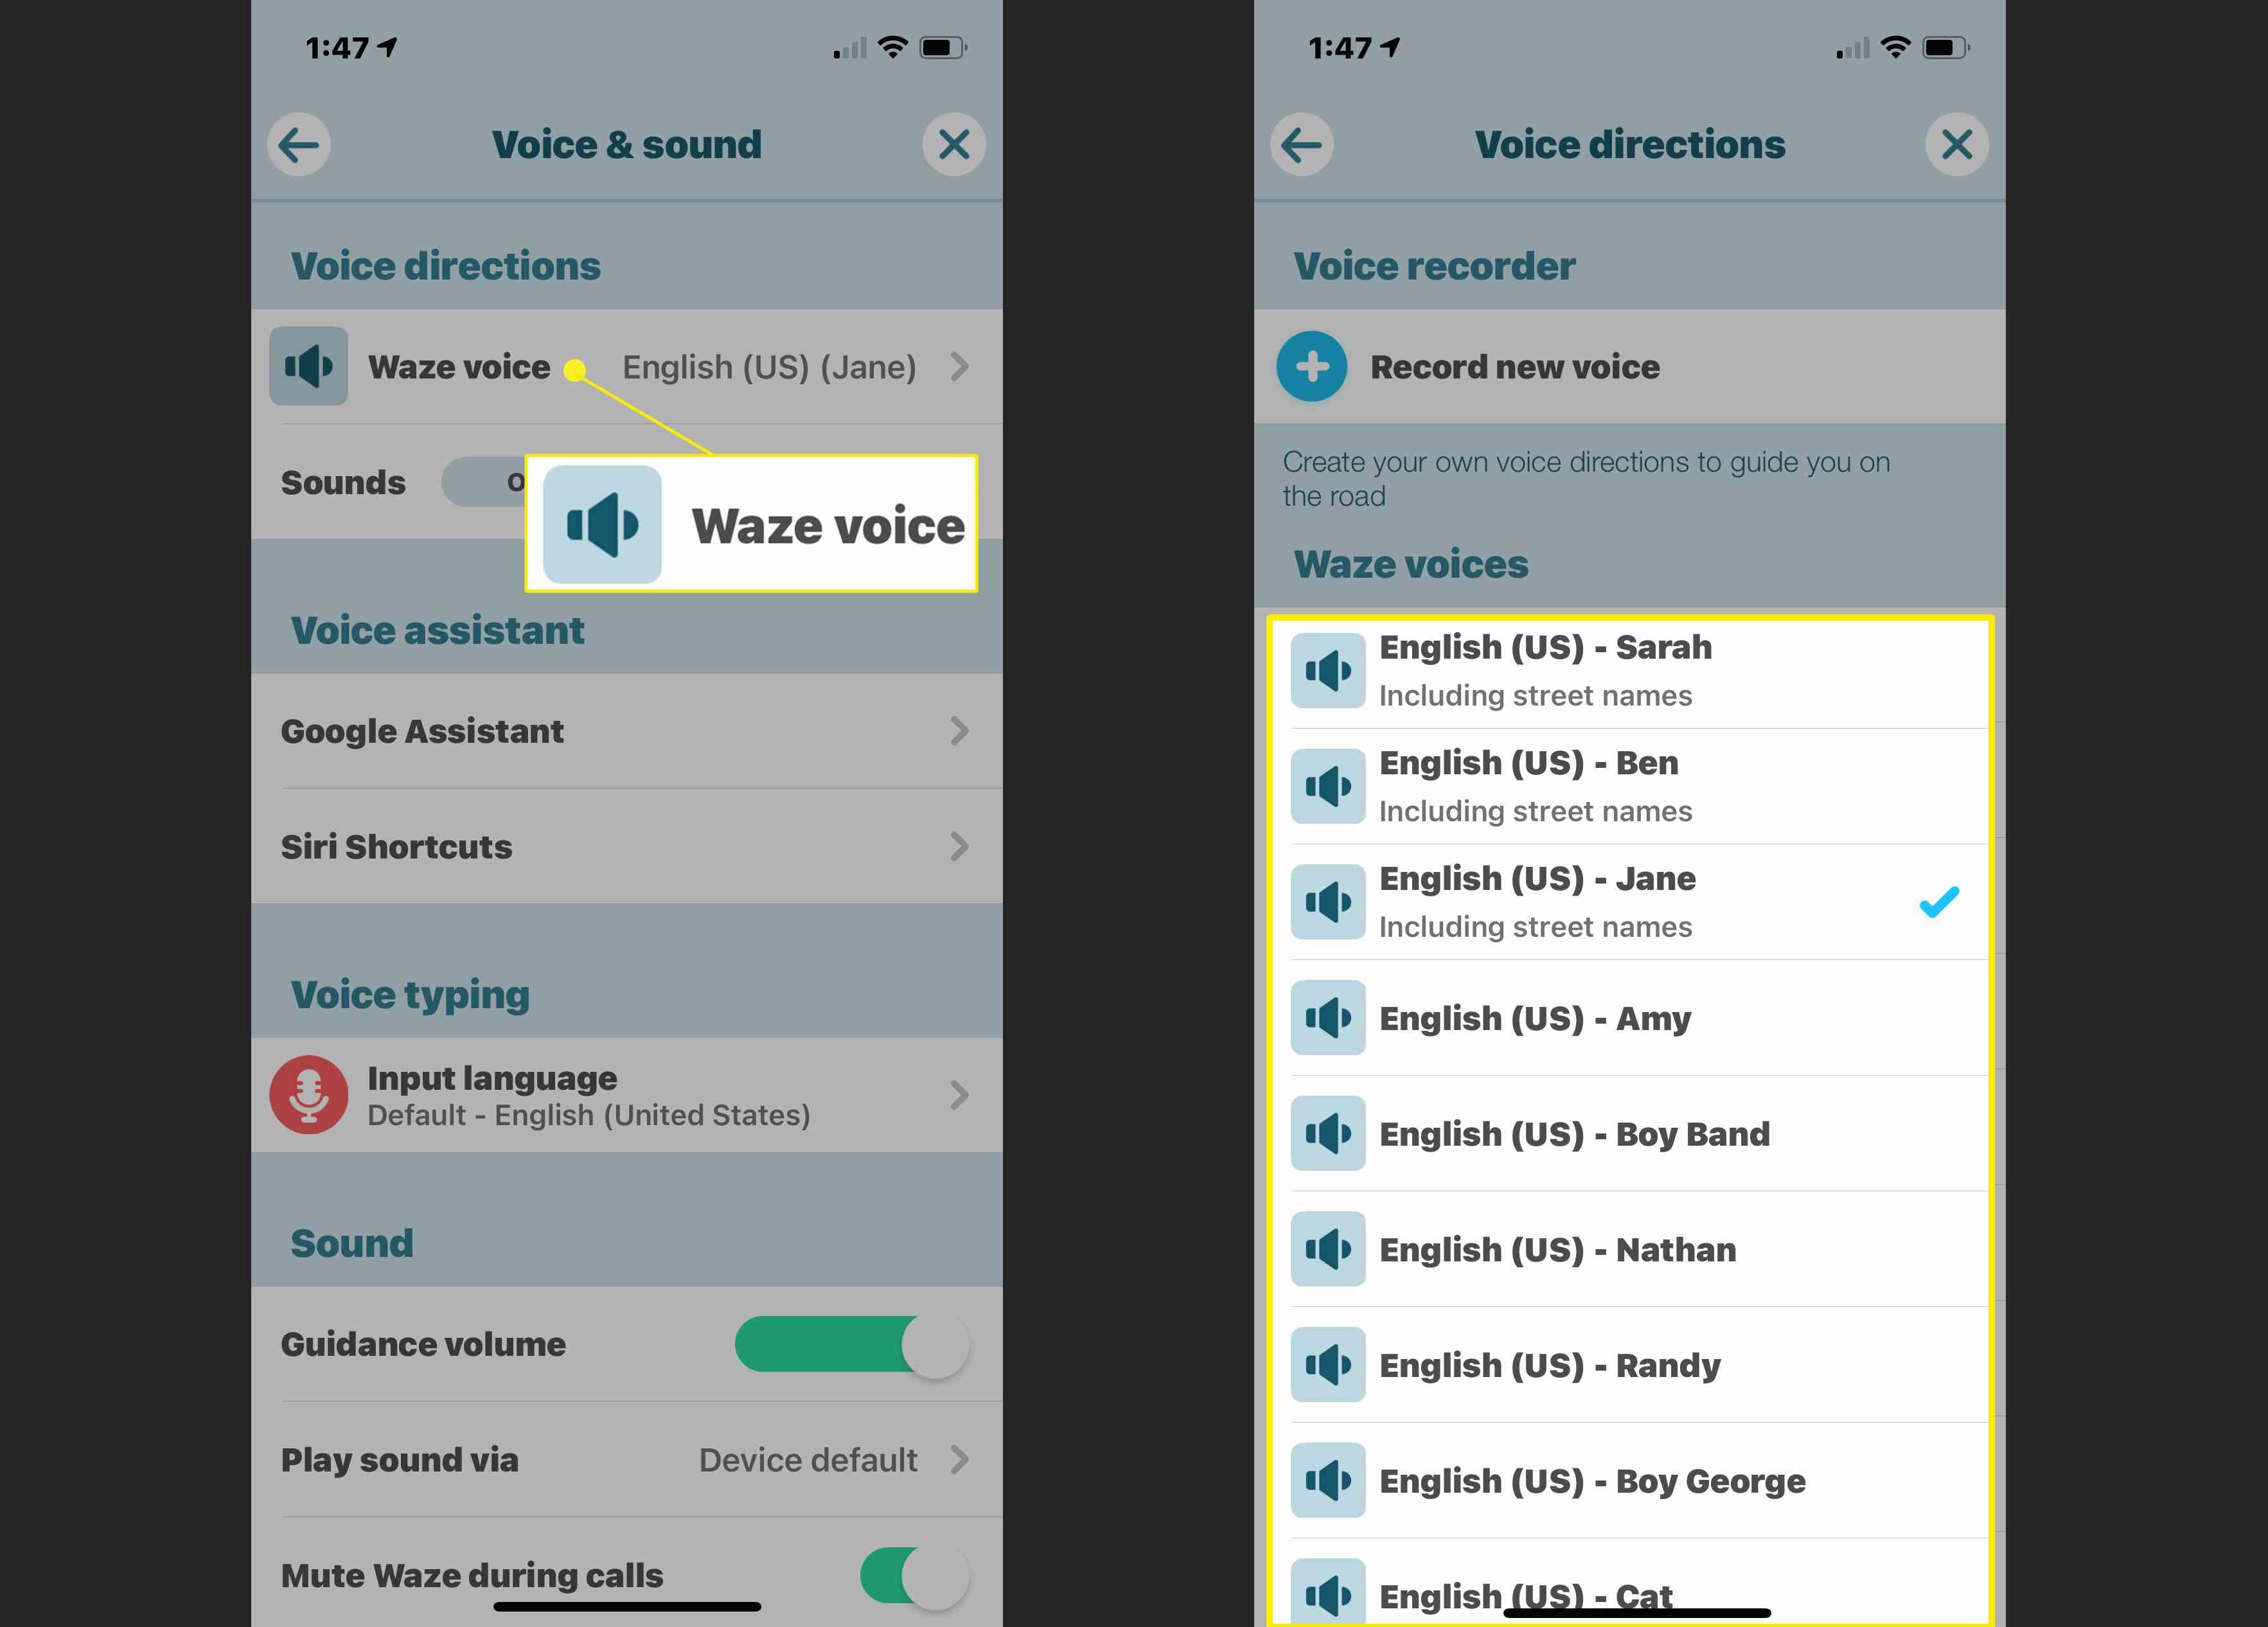 Waze voice choices